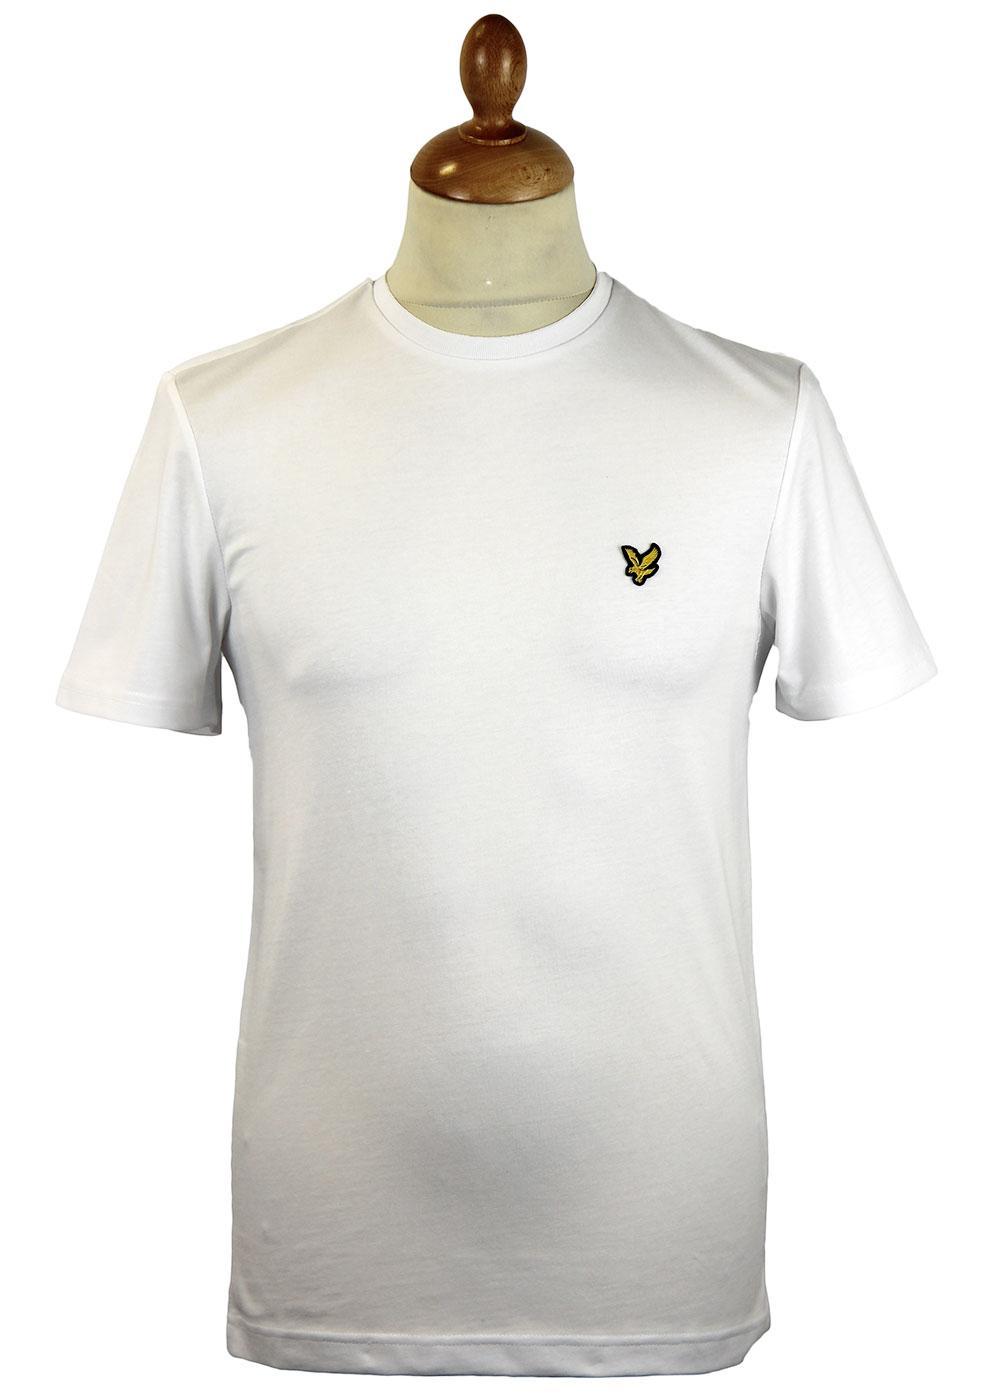 LYLE & SCOTT Retro Plain Golden Eagle T-Shirt W